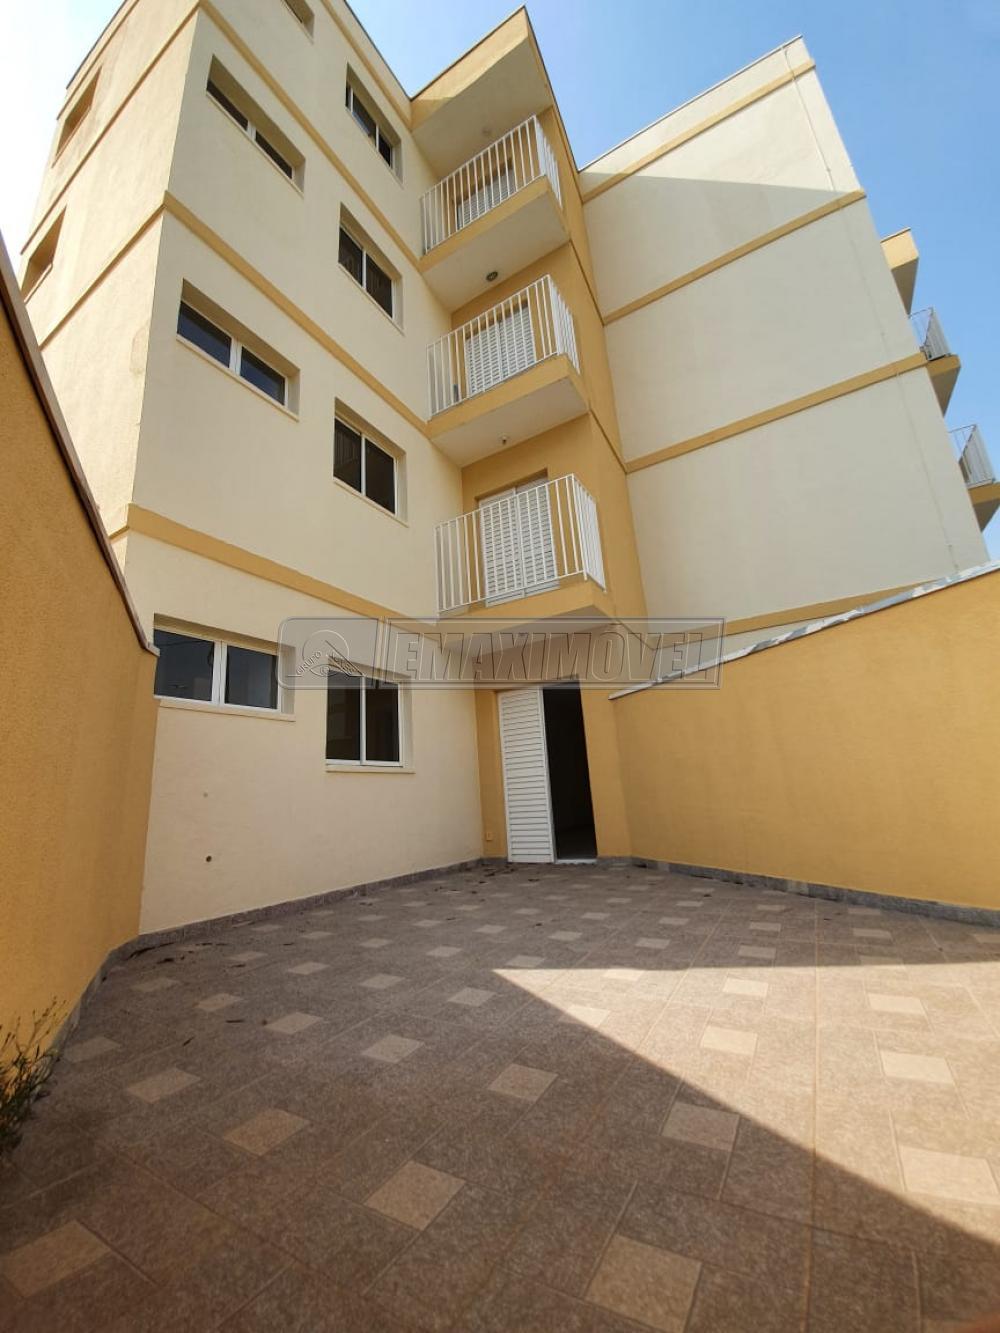 Comprar Apartamentos / Apto Padrão em Sorocaba apenas R$ 140.000,00 - Foto 13